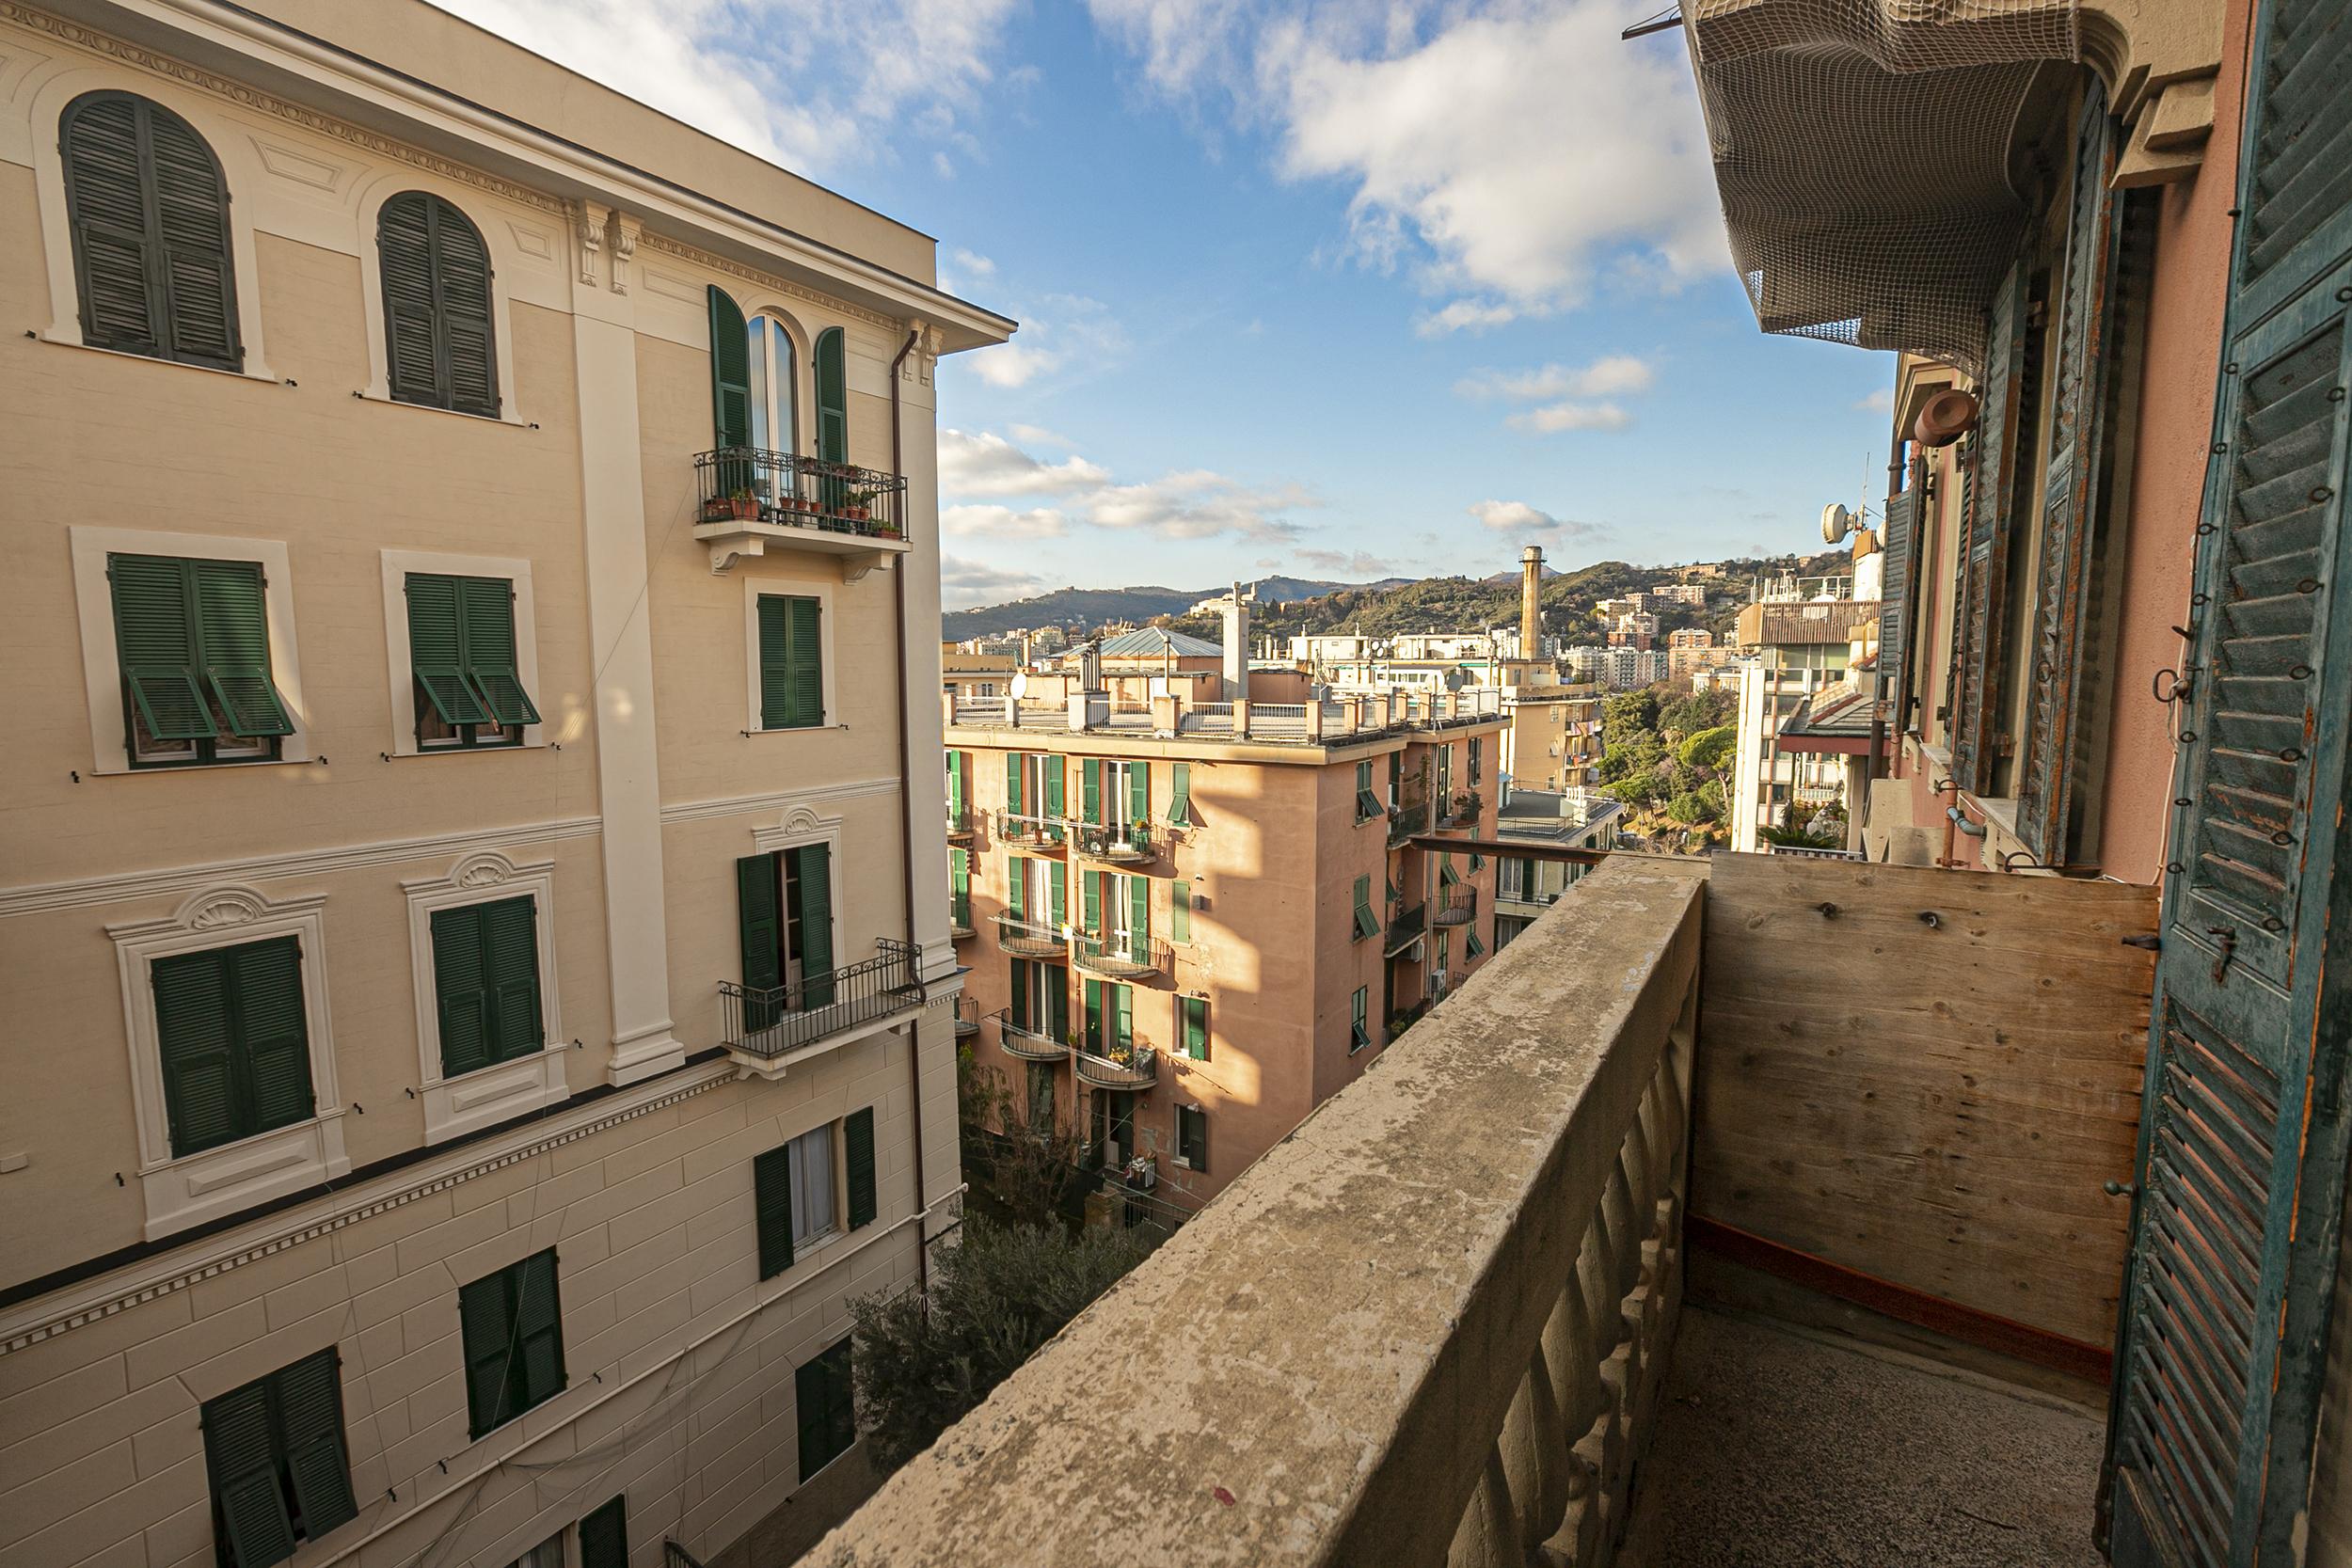 San Martino – Via S.Martino